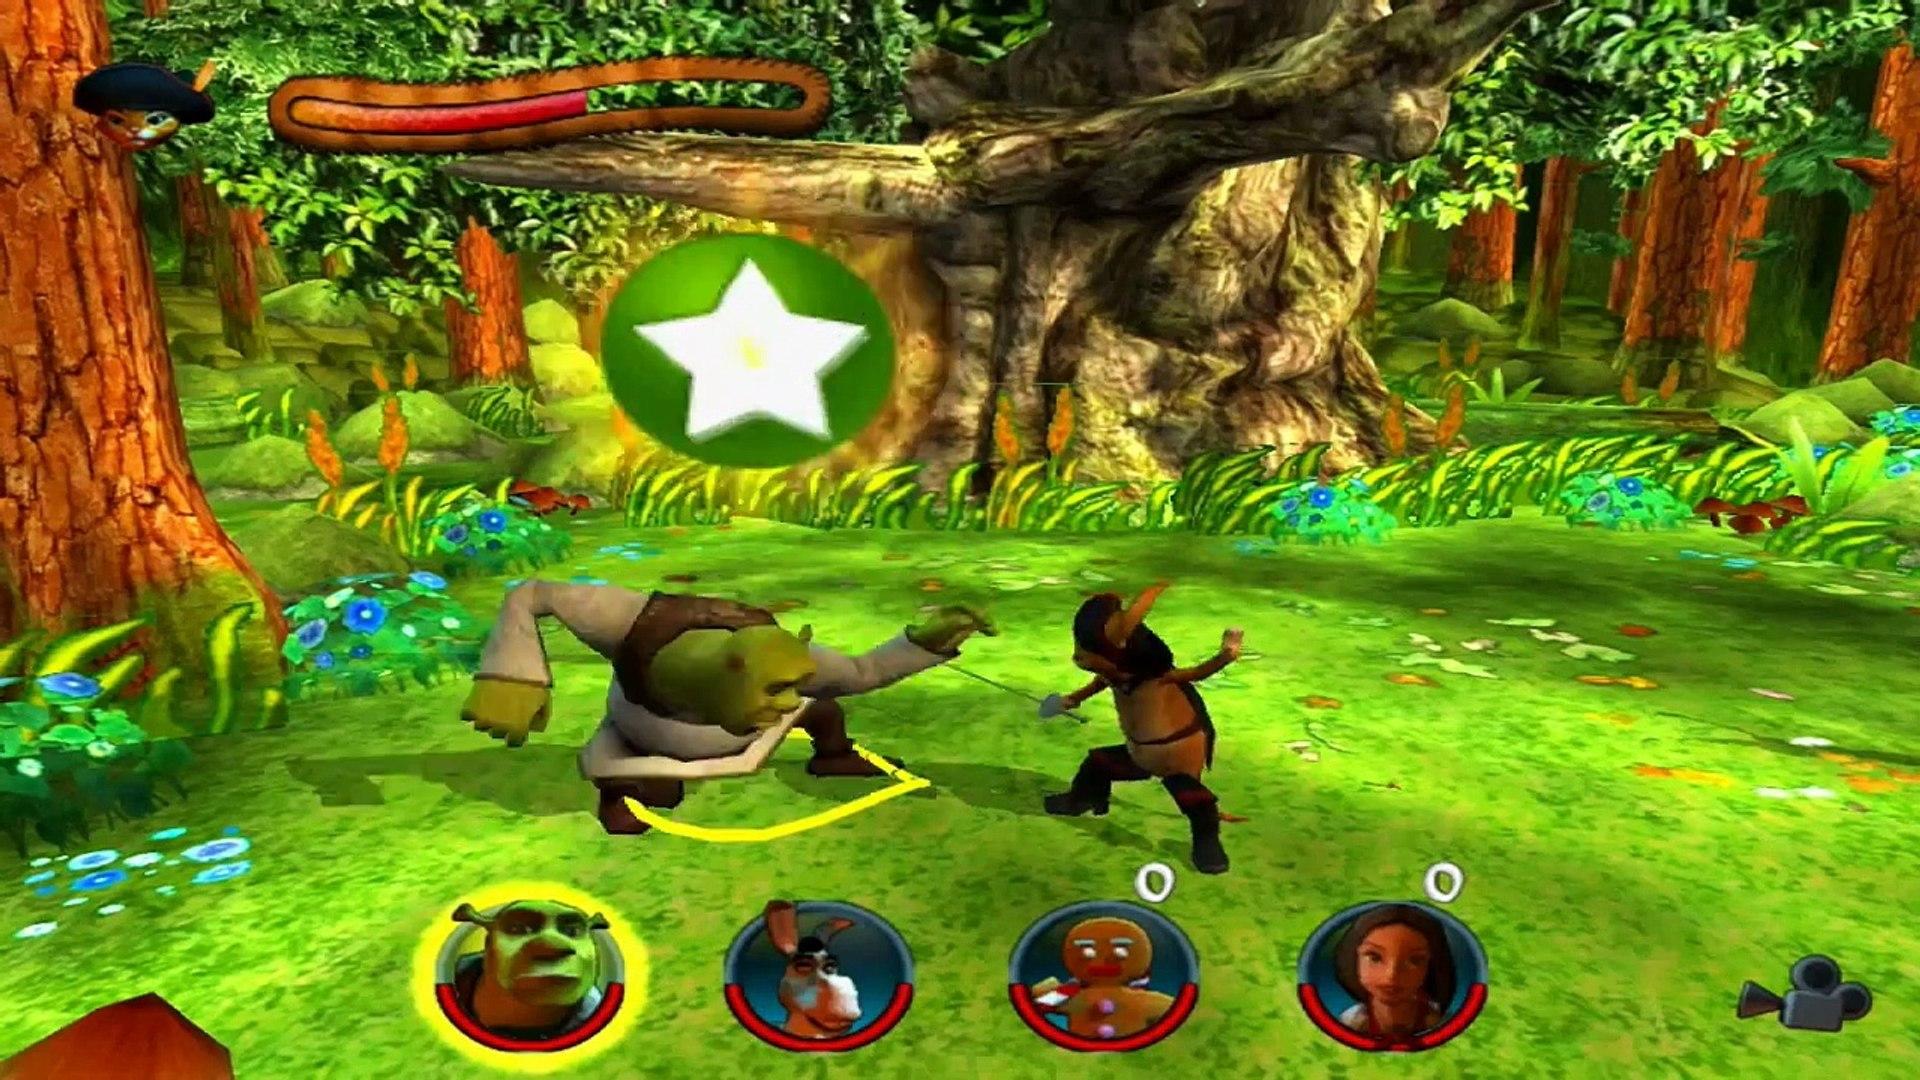 Shrek 2 Ogre Killer Episode 4 Walkthrough Dailymotion Video